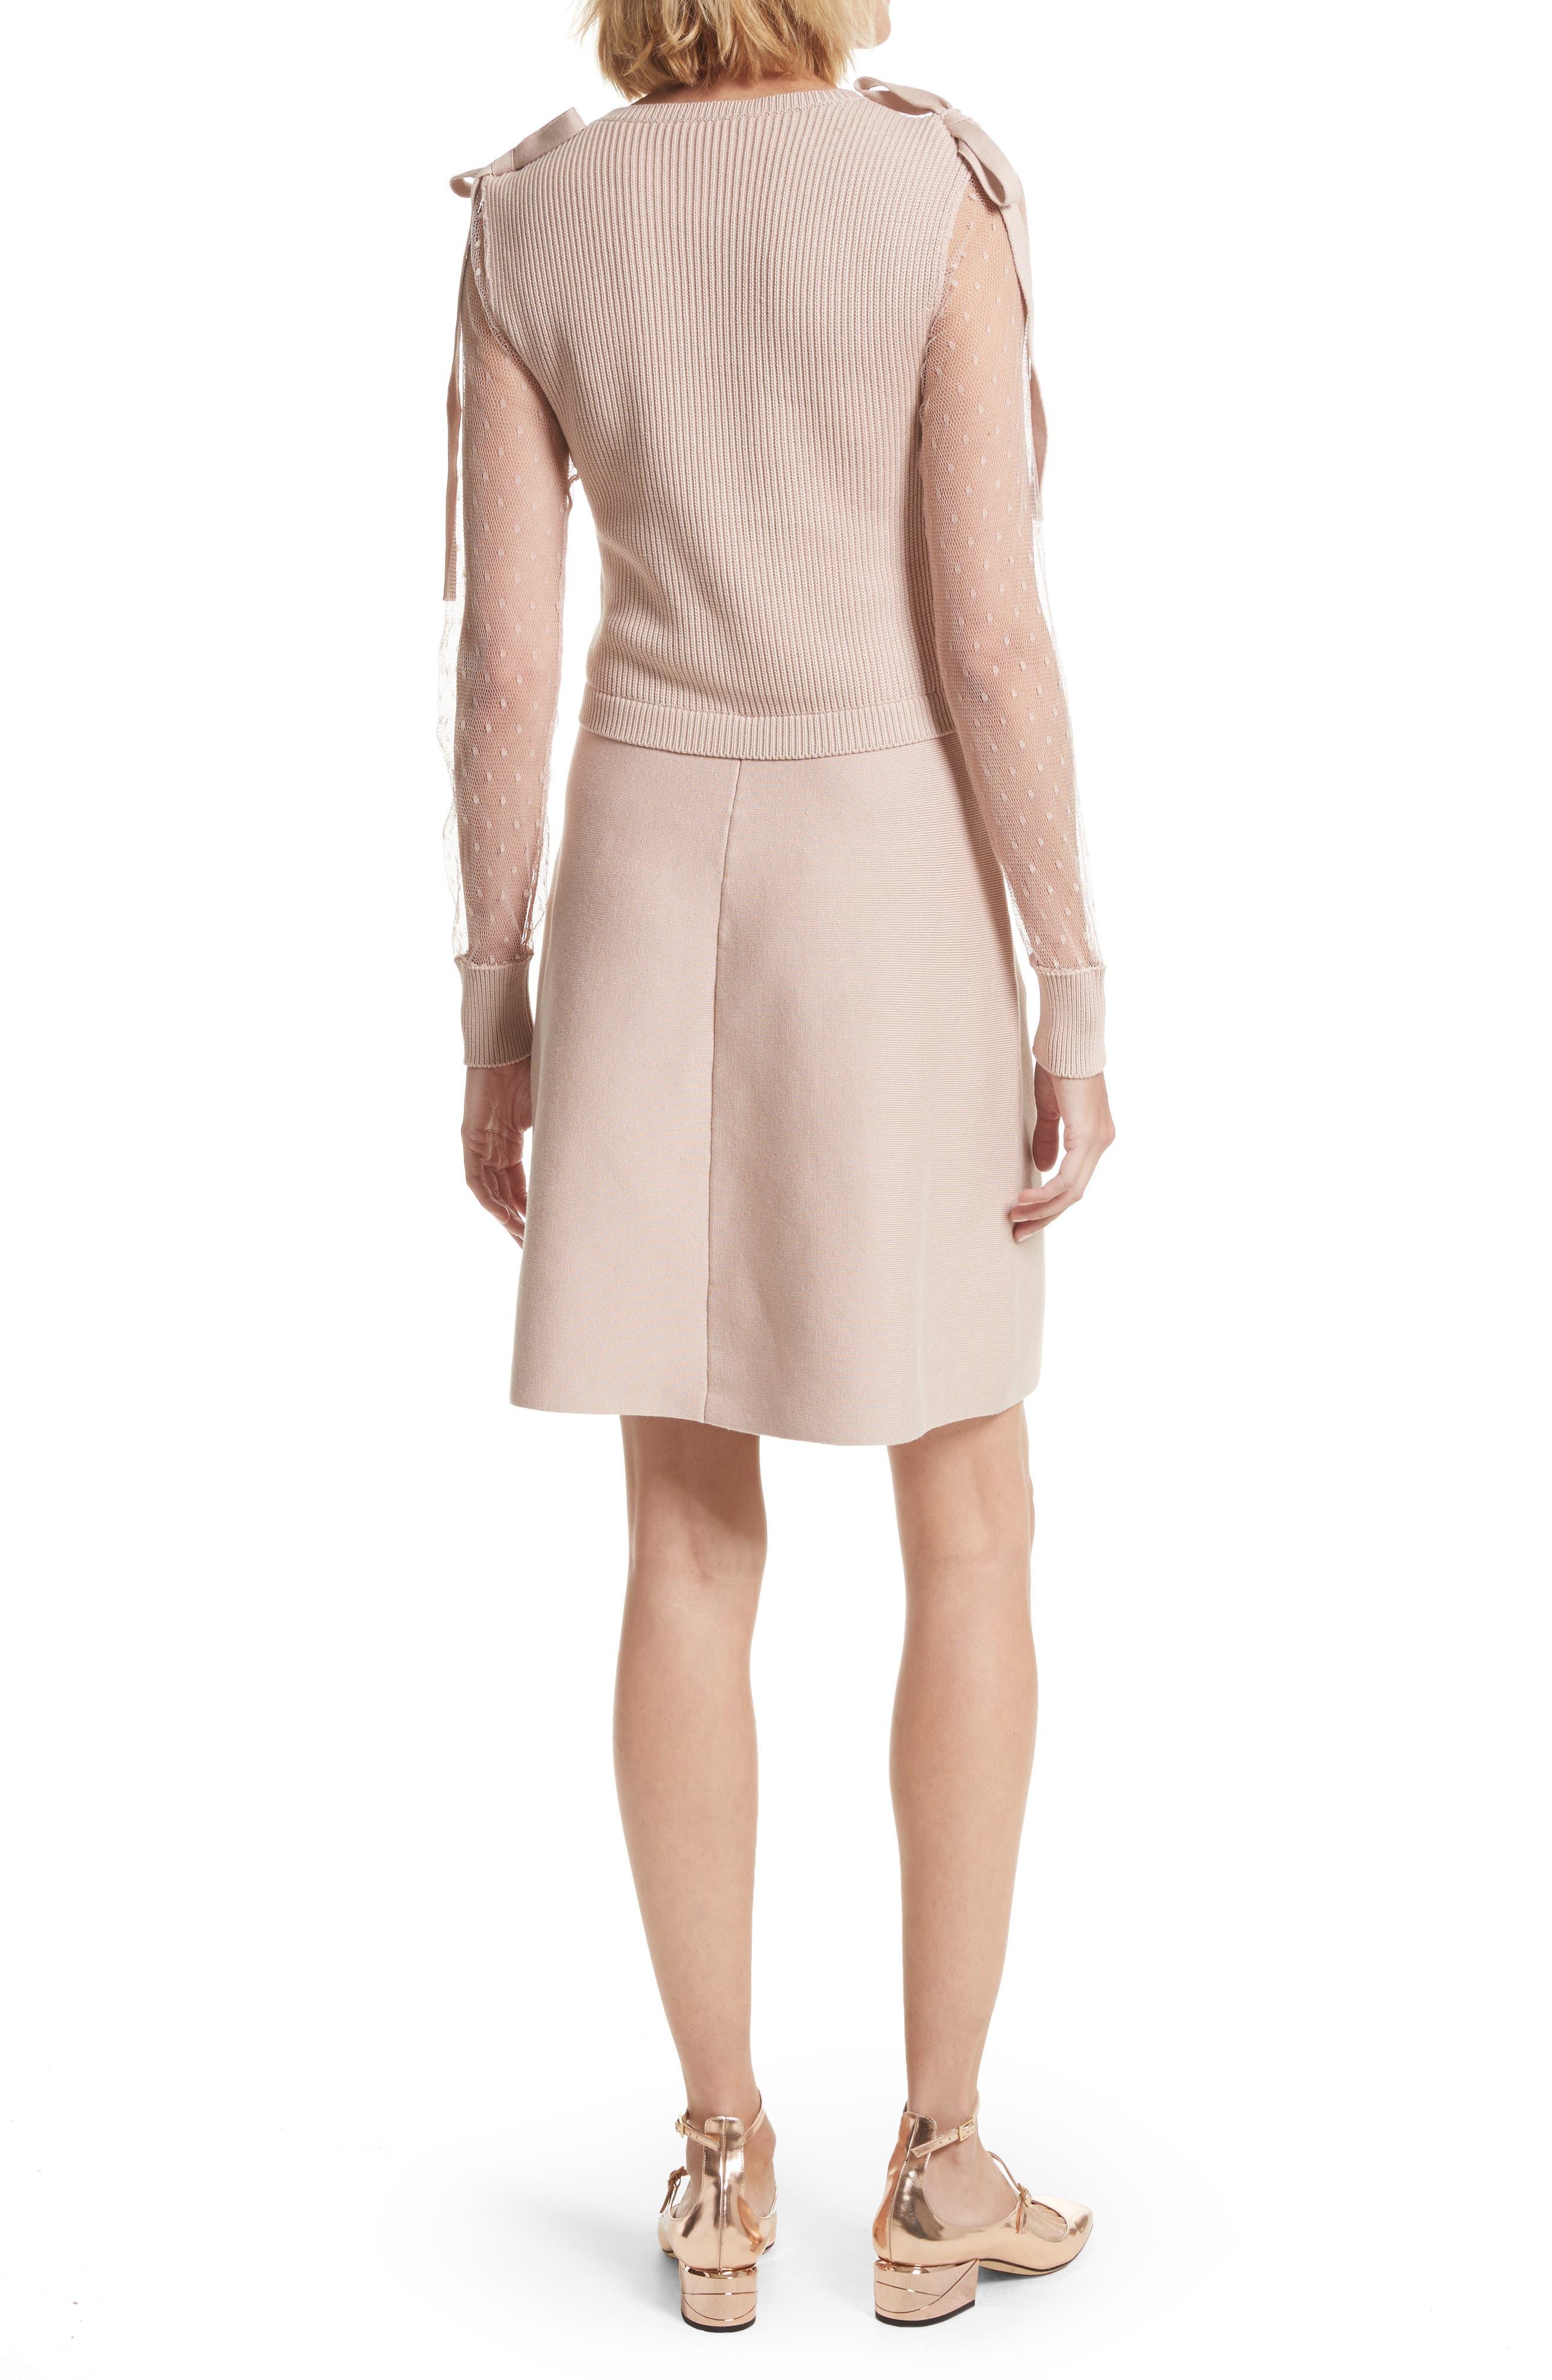 Point d'Esprit Cotton Dress,                             Alternate thumbnail 2, color,                             Nude